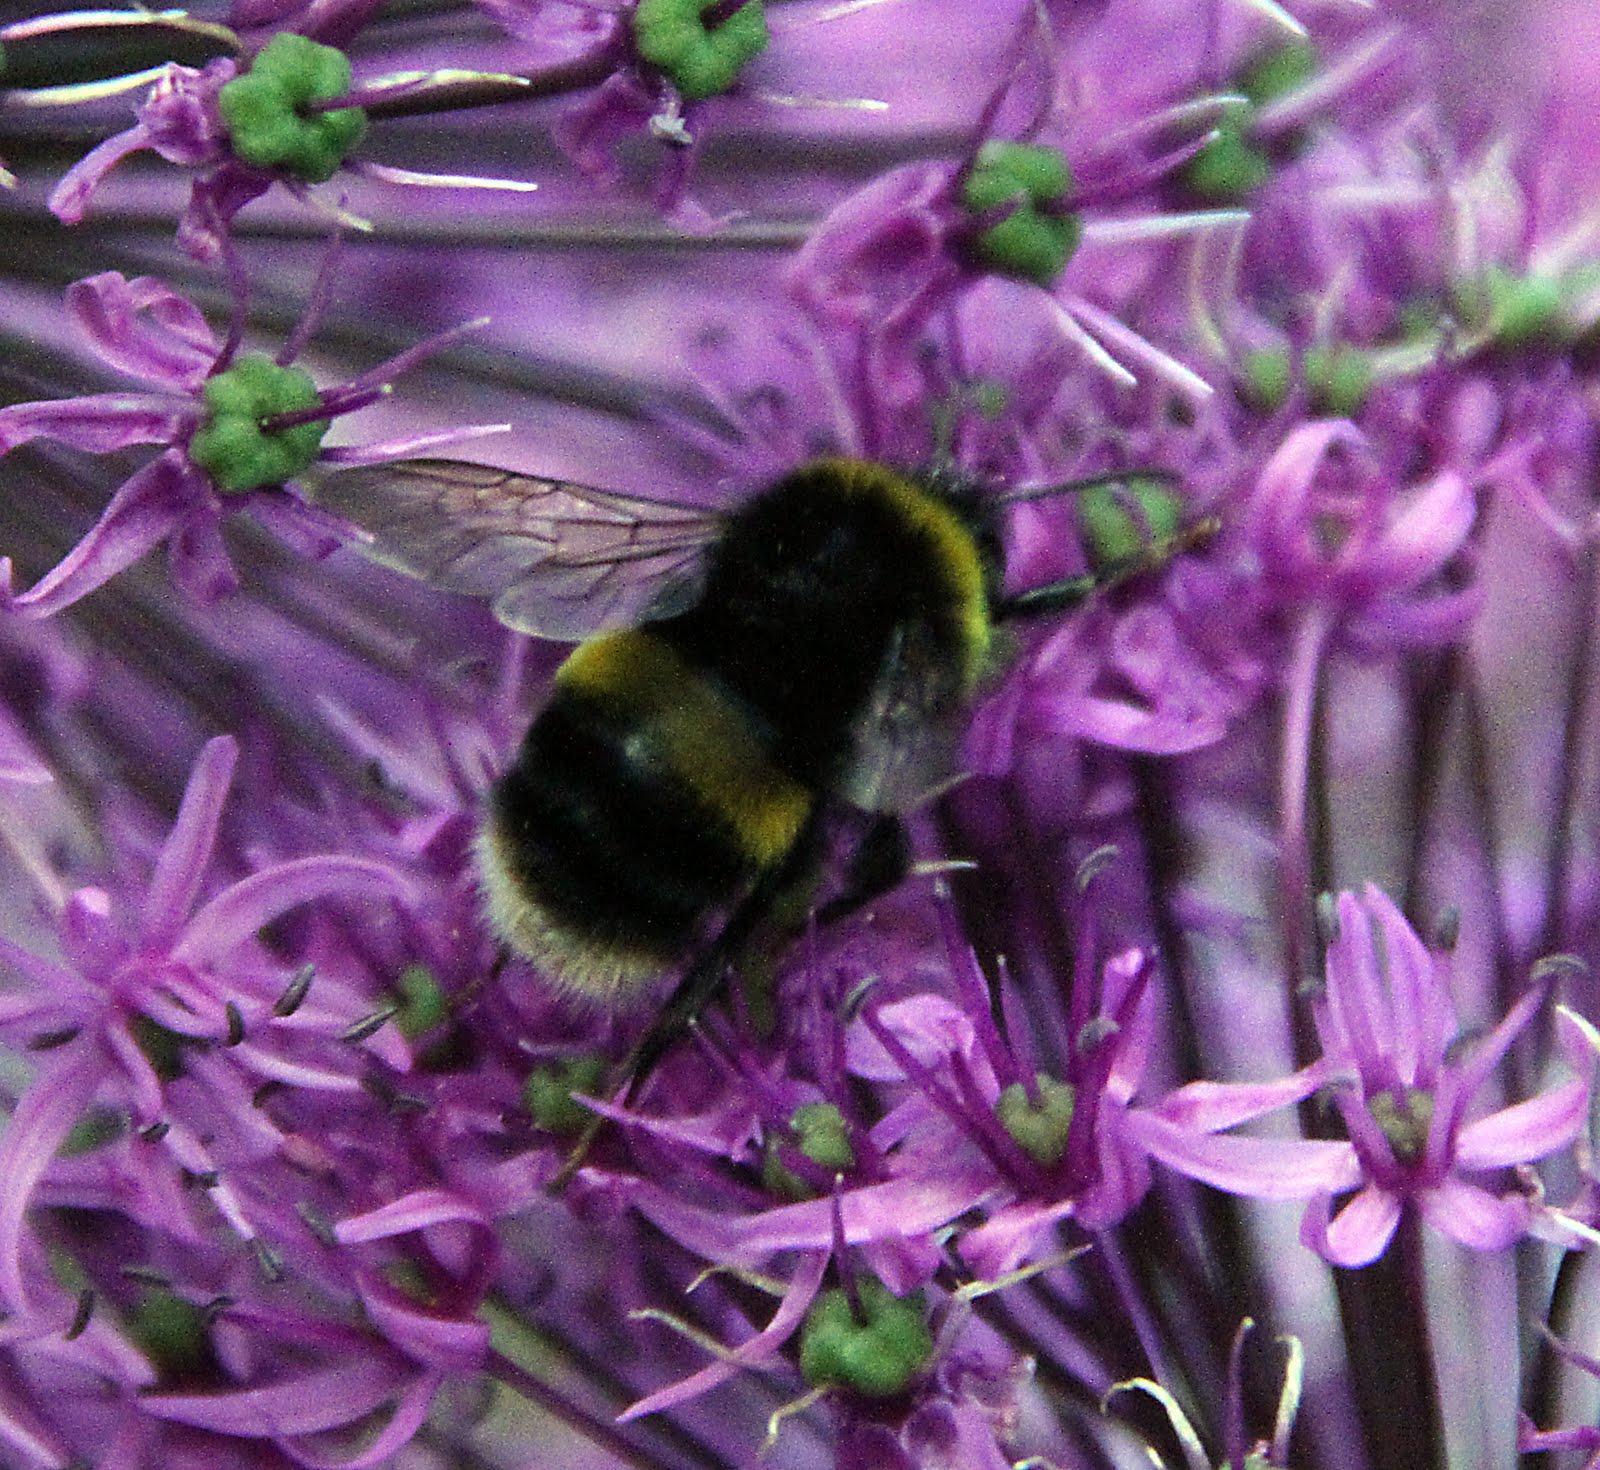 http://1.bp.blogspot.com/_xYMkl-Jw6Fc/TAKZNTsrI2I/AAAAAAAAATk/QlAK5jn6qA8/s1600/bees+alliumsIMG_0941bl.jpg